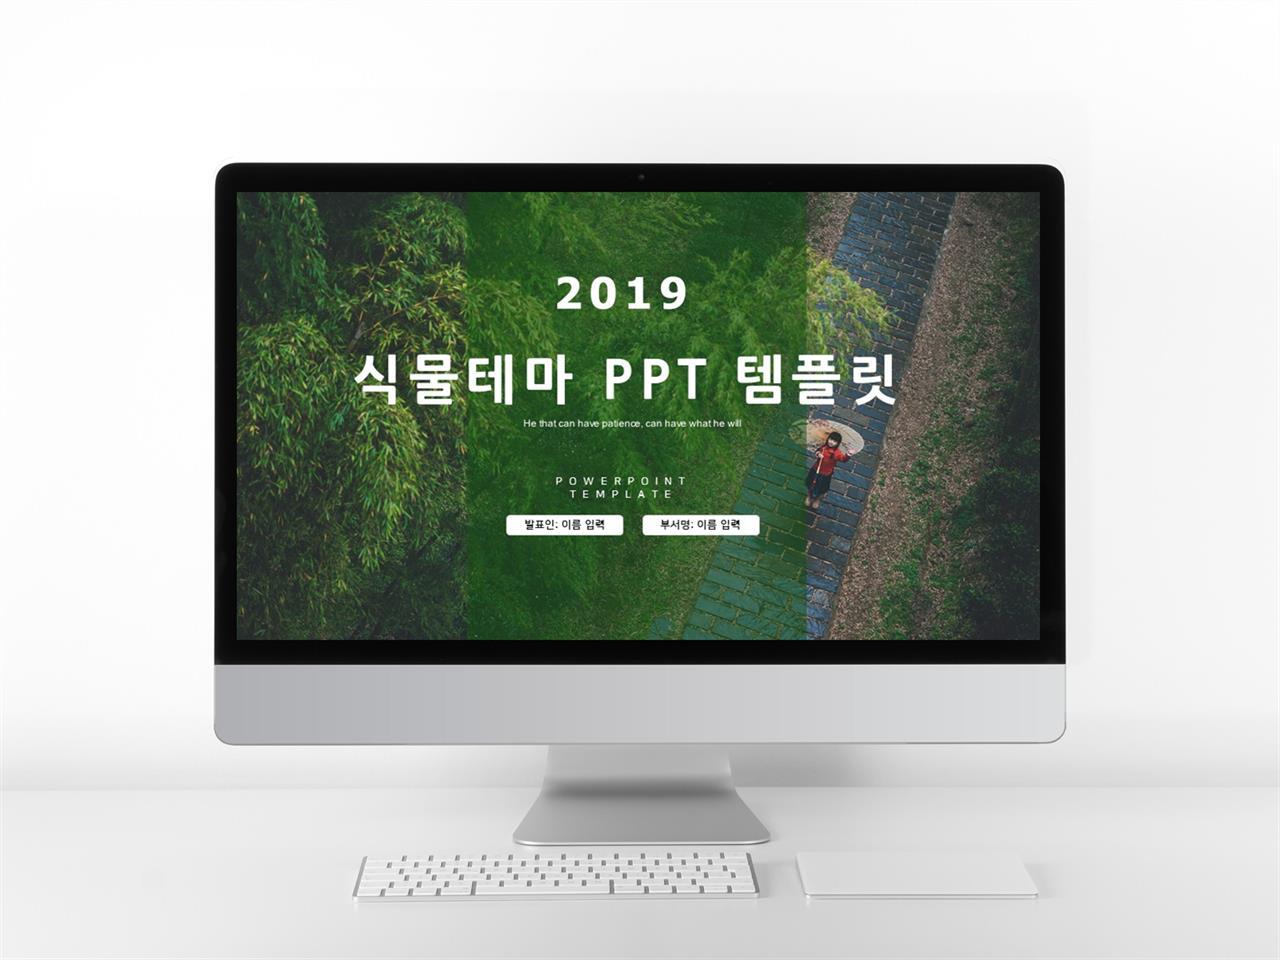 식물동물 풀색 캄캄한 프로급 PPT템플릿 사이트 미리보기